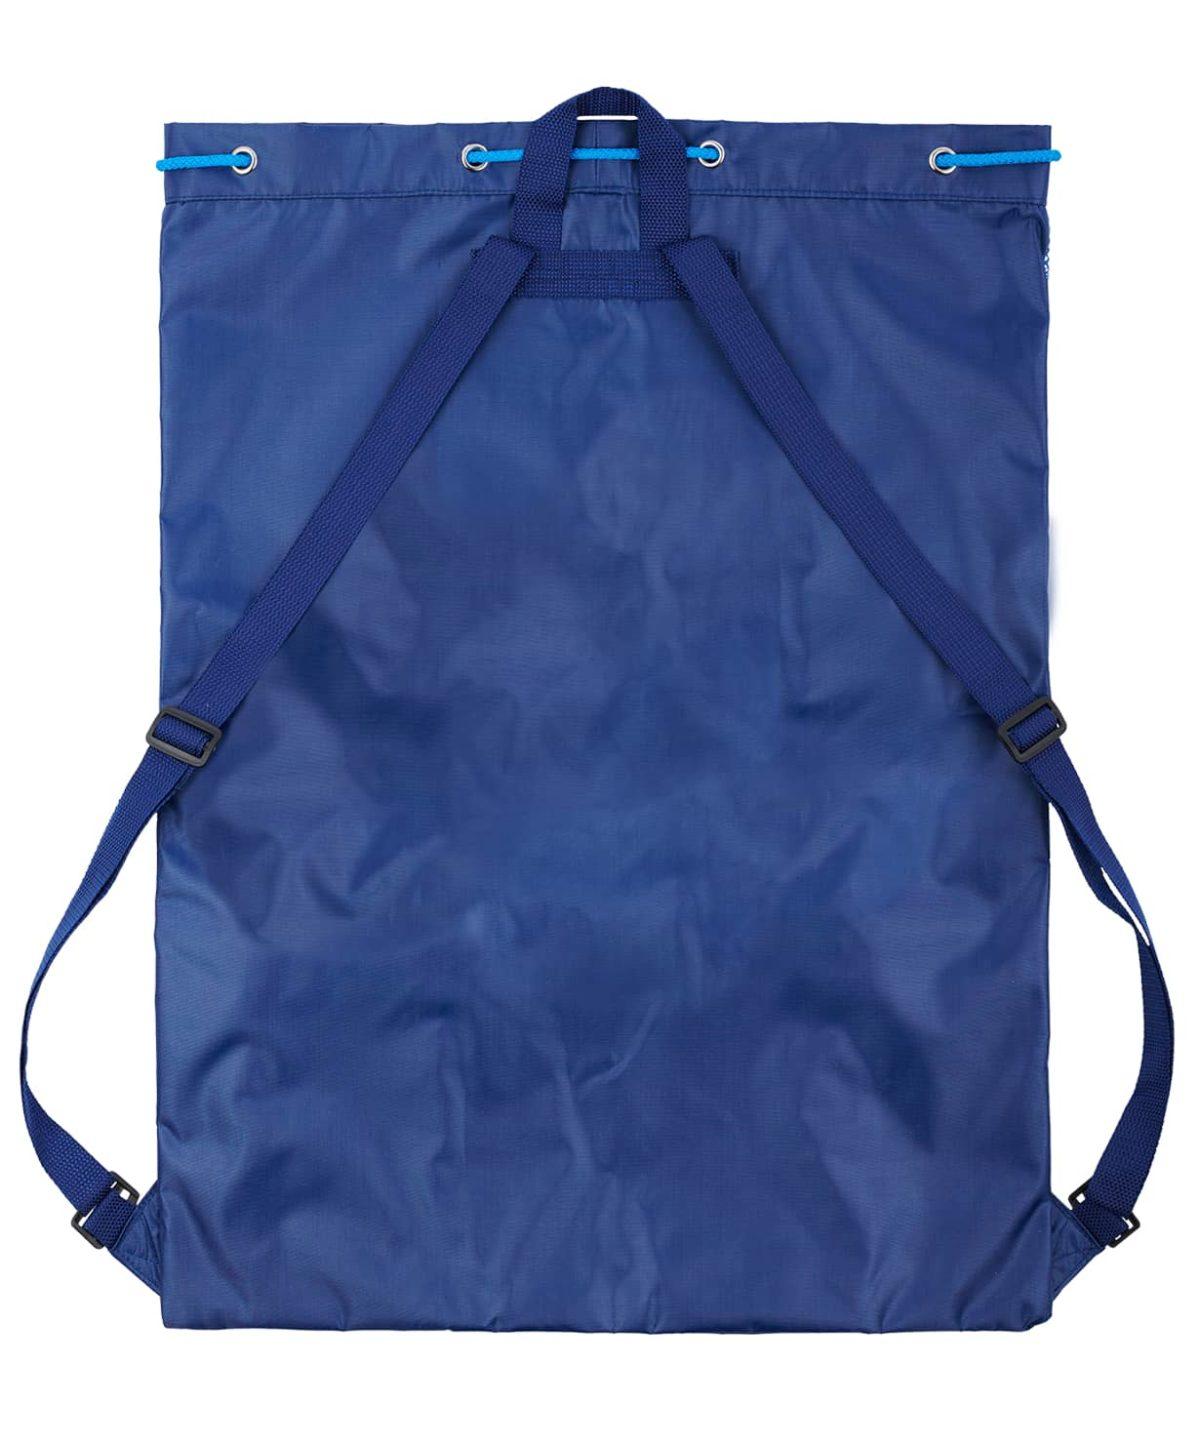 25DEGREES Рюкзак Maxpack  25D21015: синий - 2